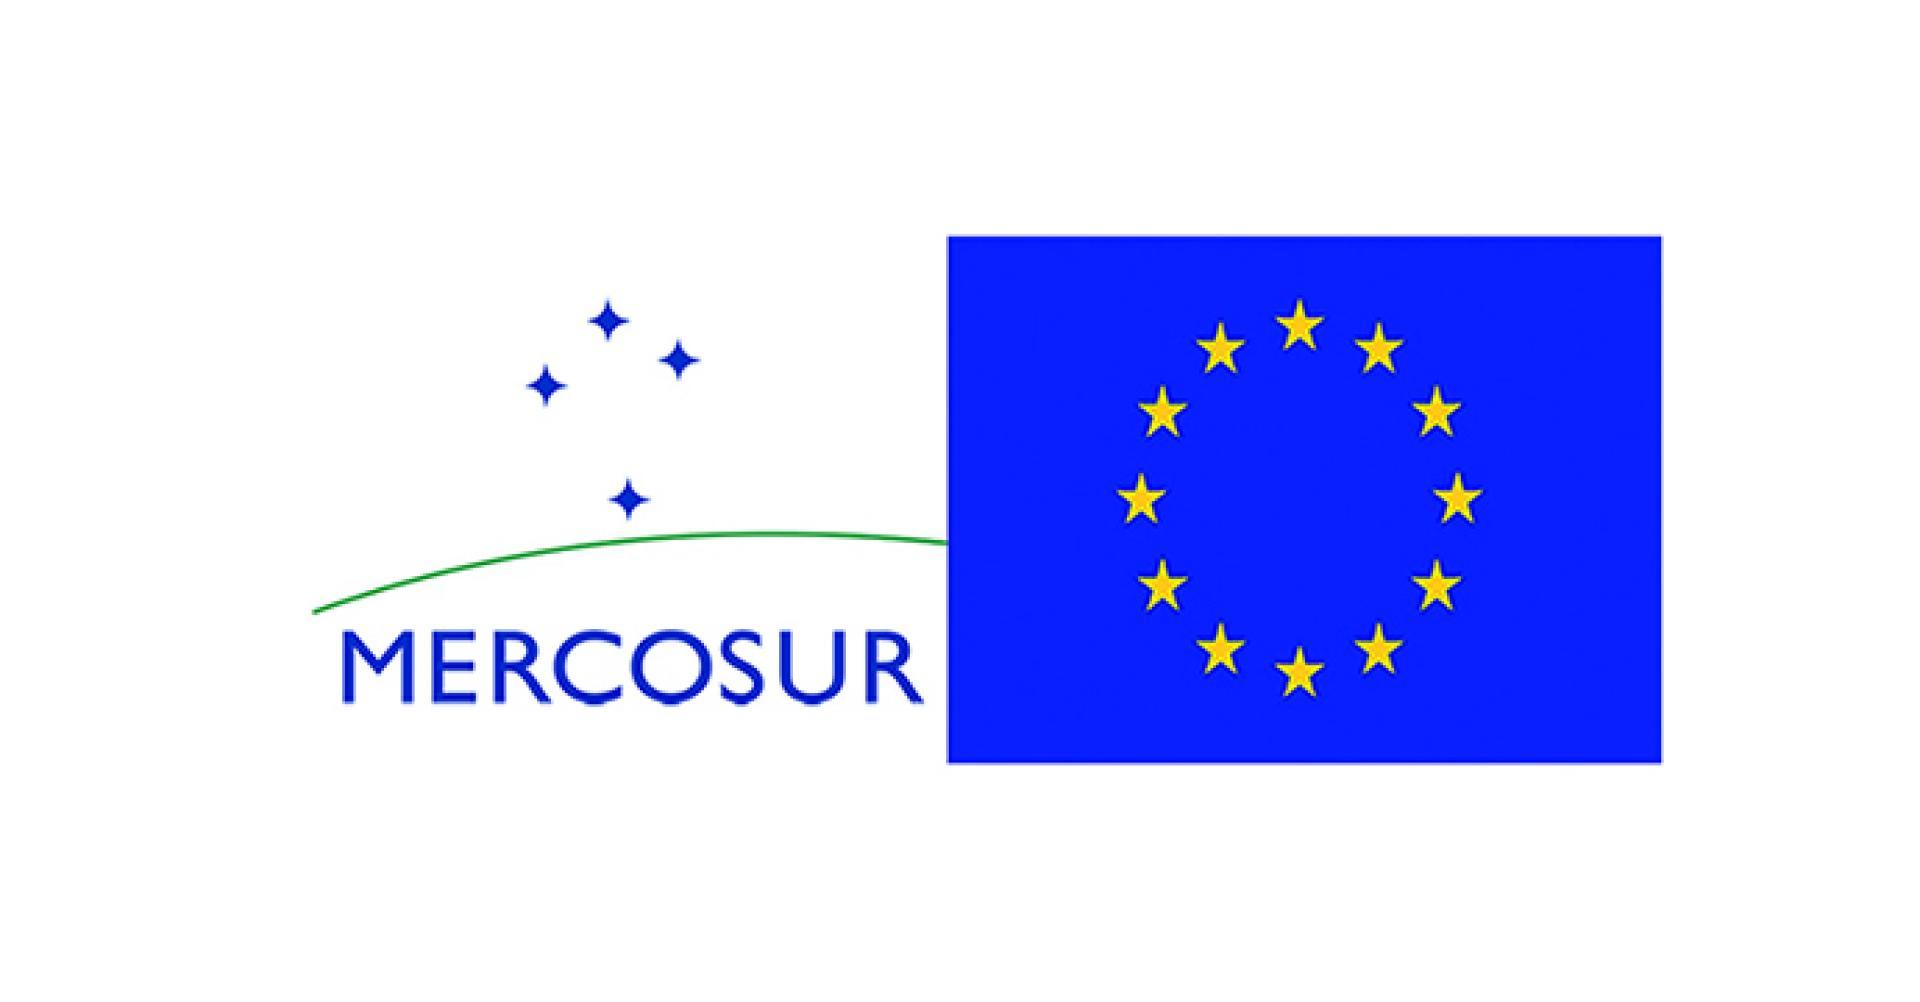 Se publicaron los detalles del acuerdo de asociación estratégica